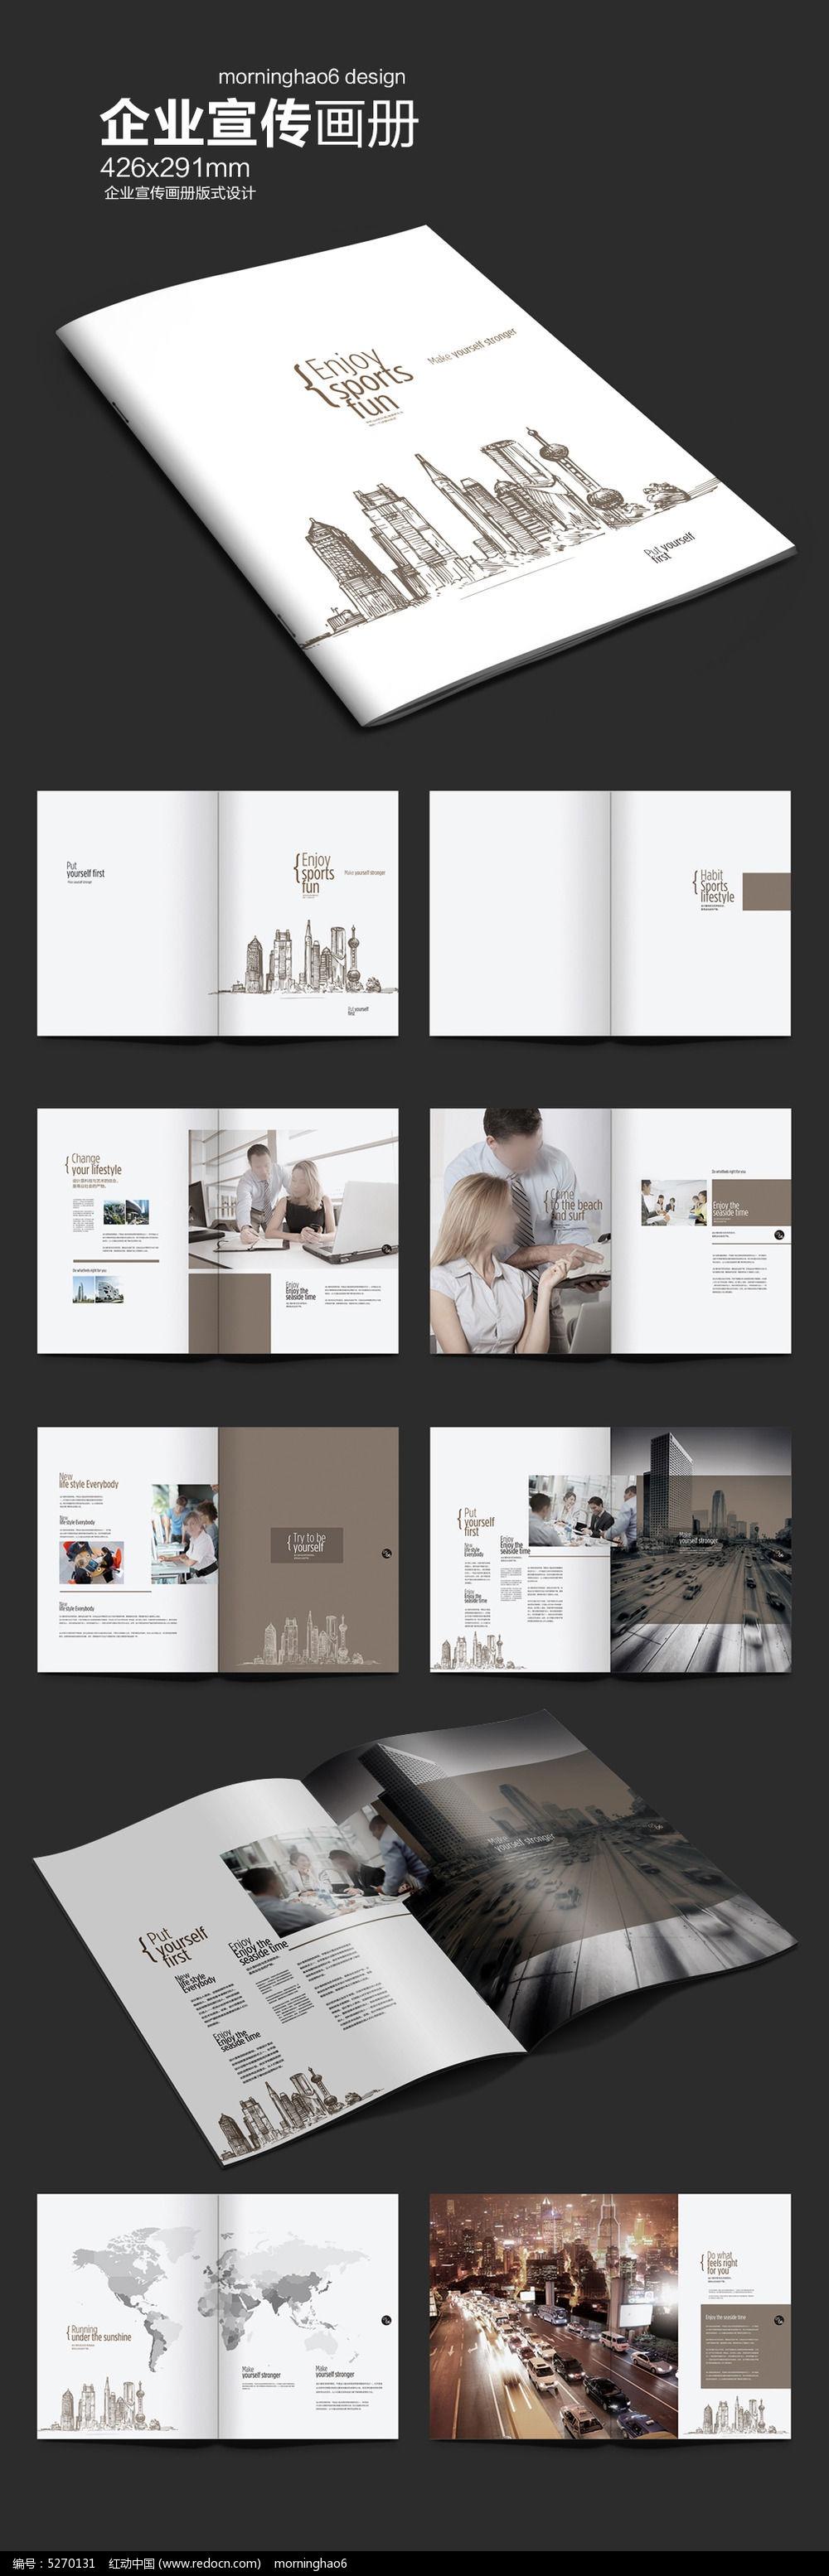 画册设计/书籍/菜谱 企业画册 宣传画册 淡雅时尚宣传画册版式设计图片